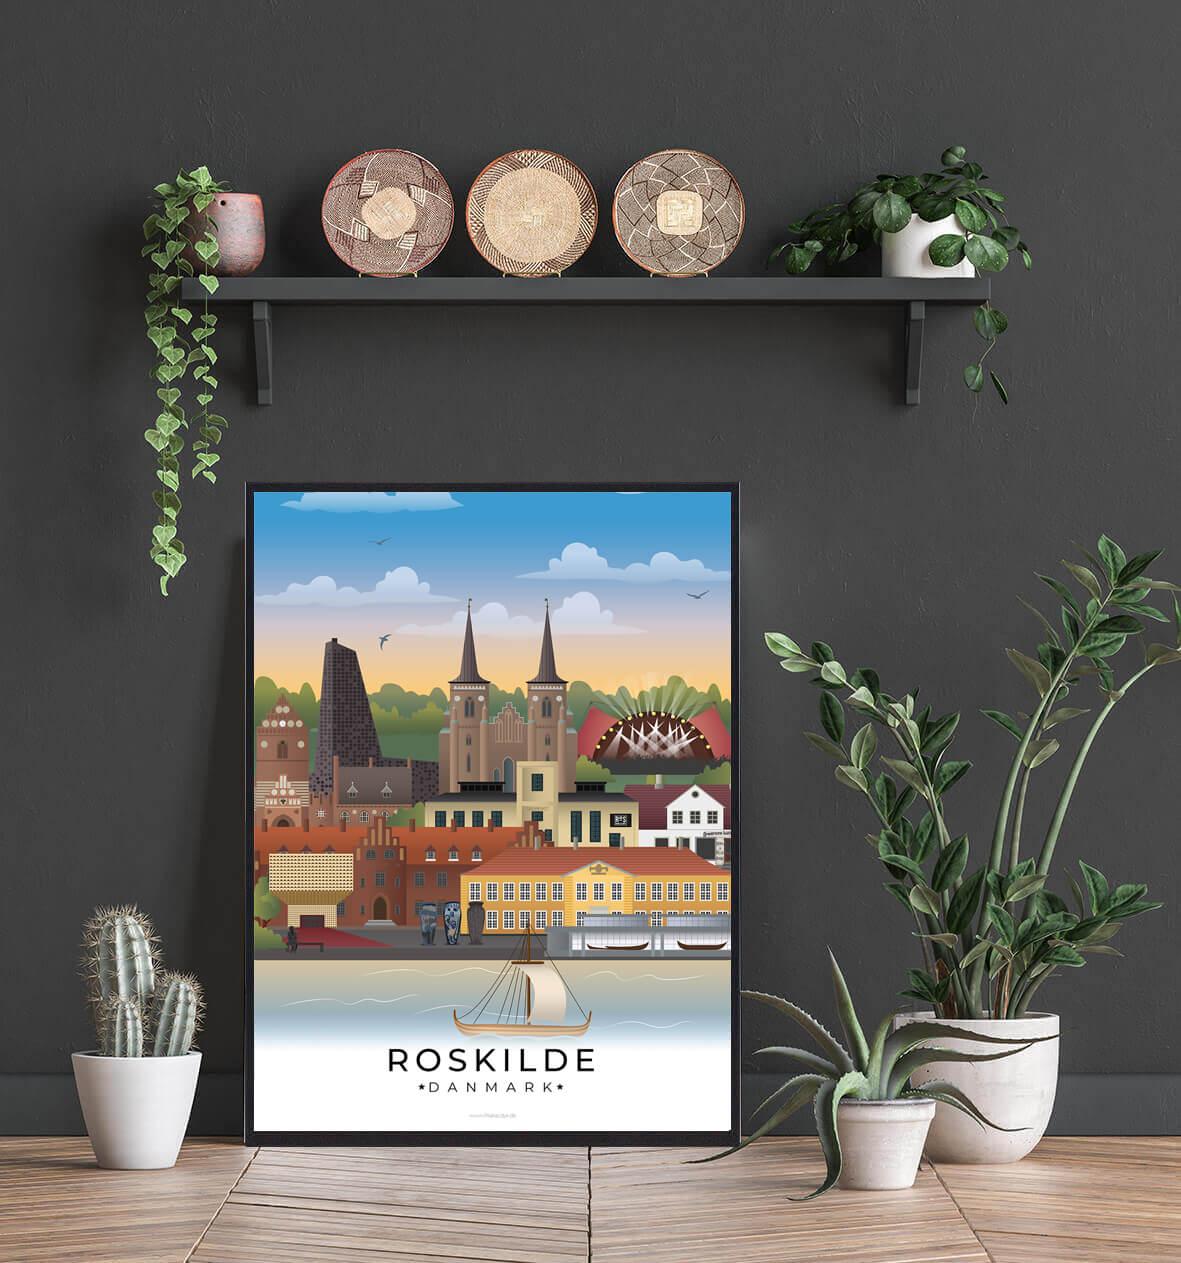 Roskilde-byplakat-2